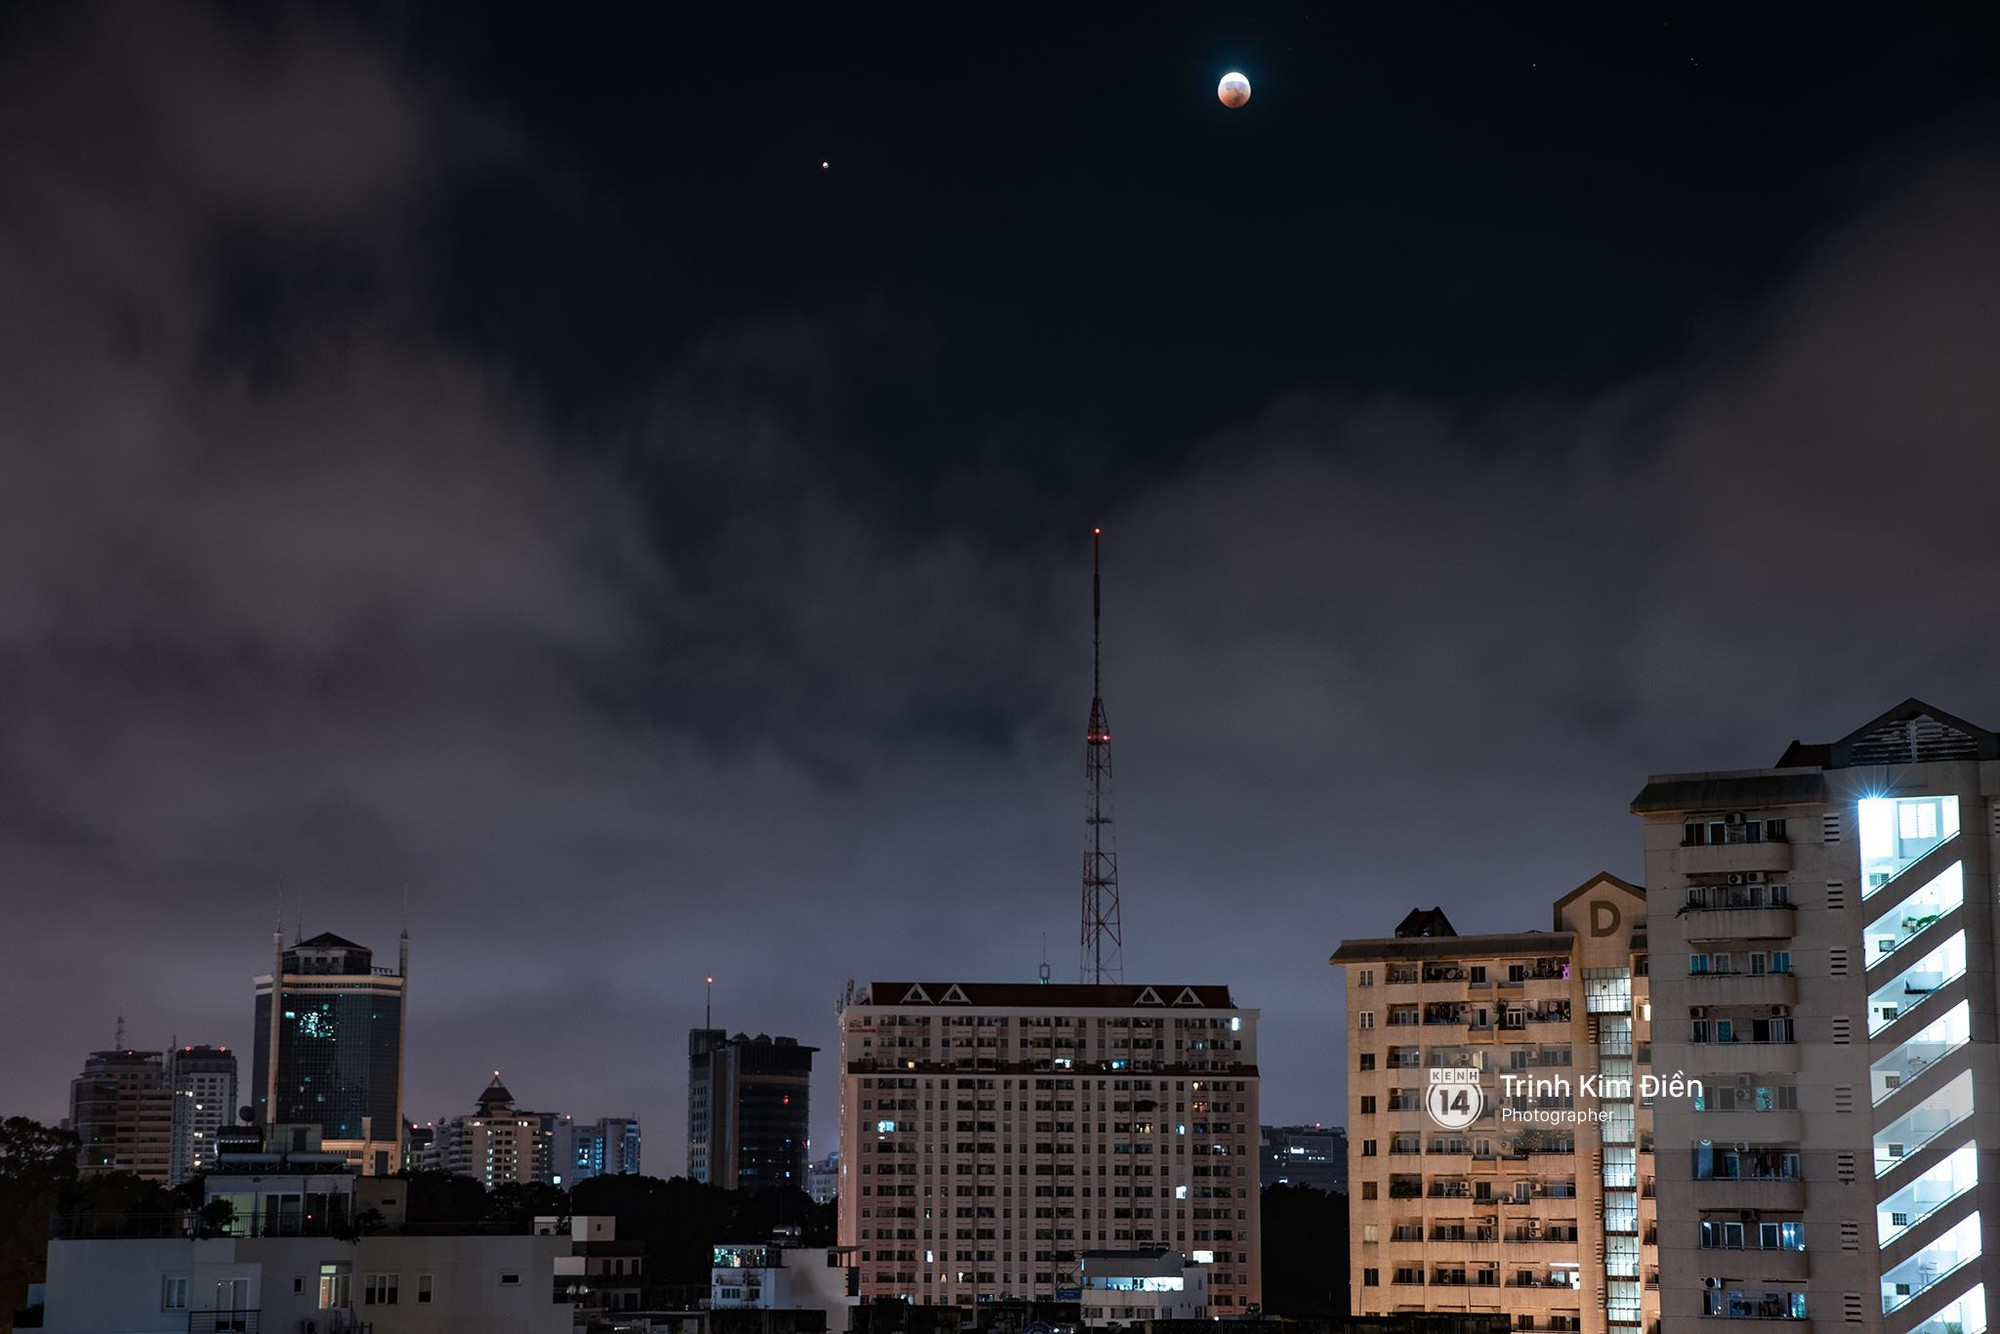 Giới trẻ Việt nô nức rủ nhau xem Nguyệt thực - sự kiện thiên văn hấp dẫn nhất thế kỷ - Ảnh 31.